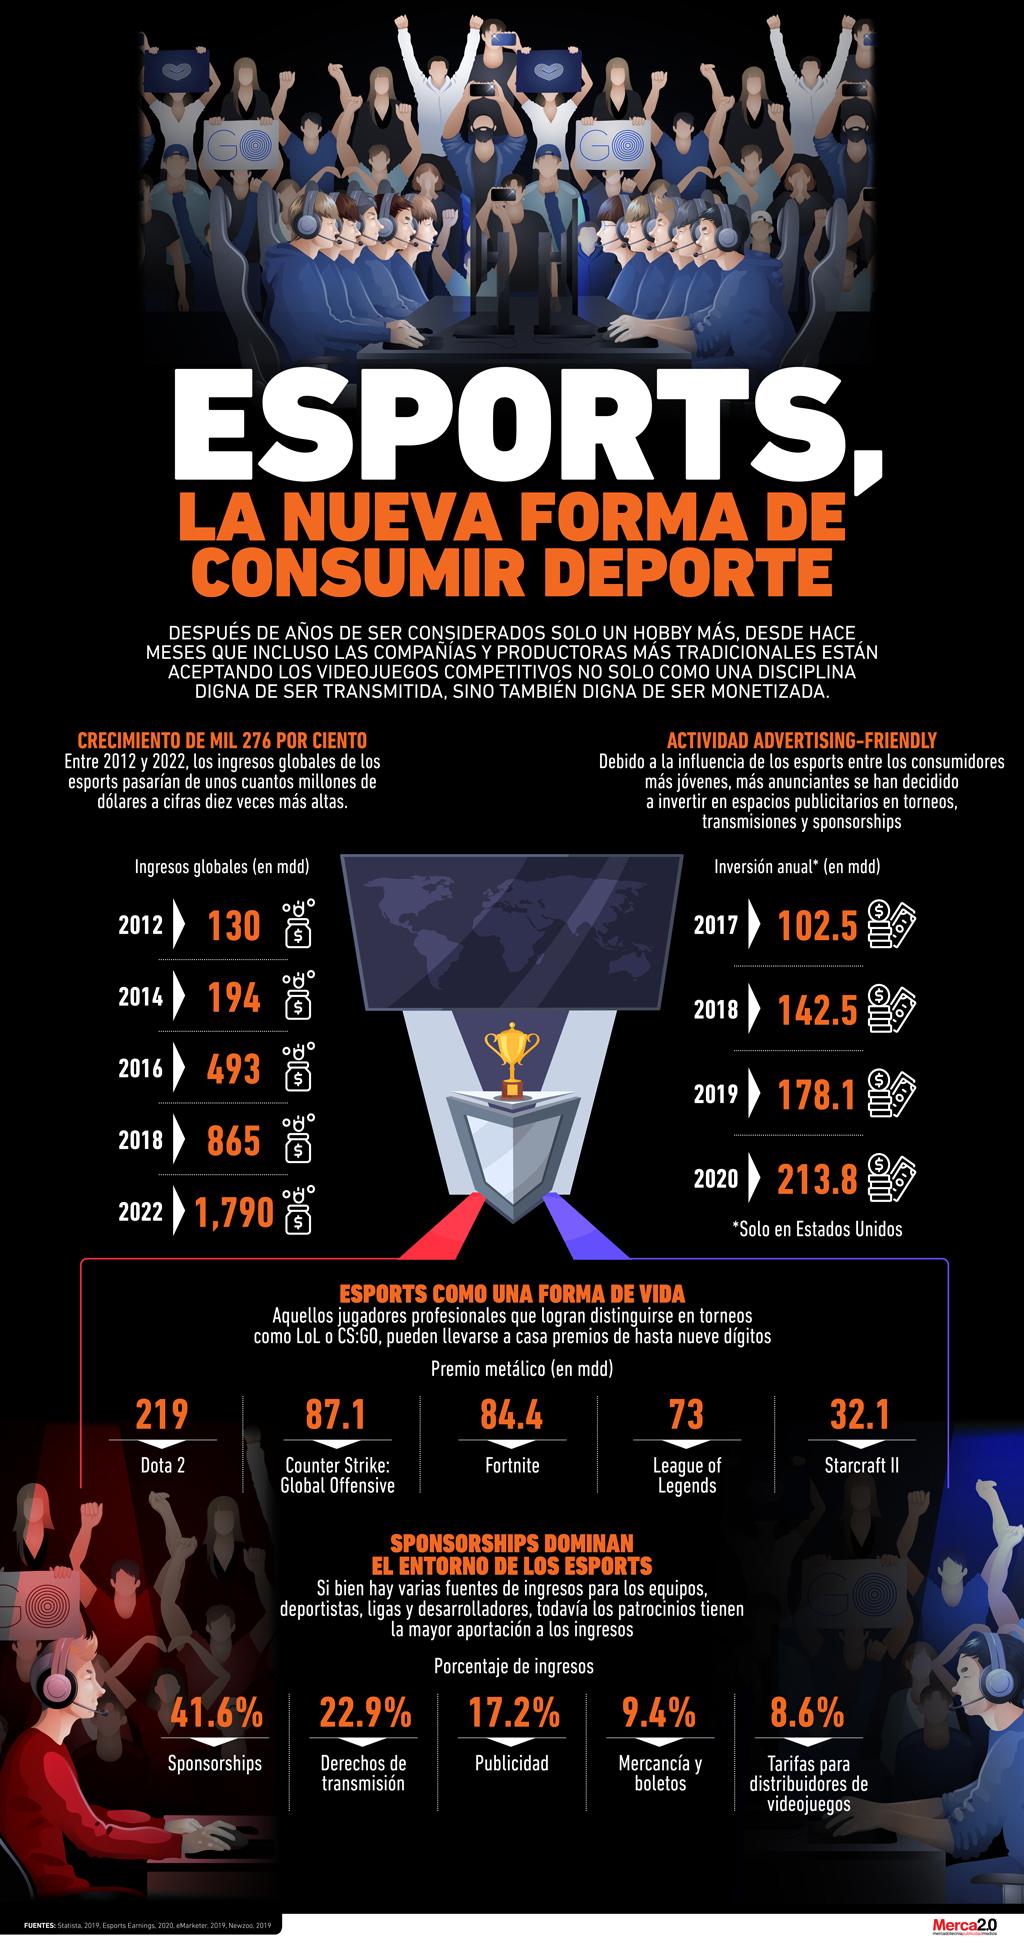 eSports ganan terreno deportivo en temporada de Coronavirus (INFOGRAFÍA)